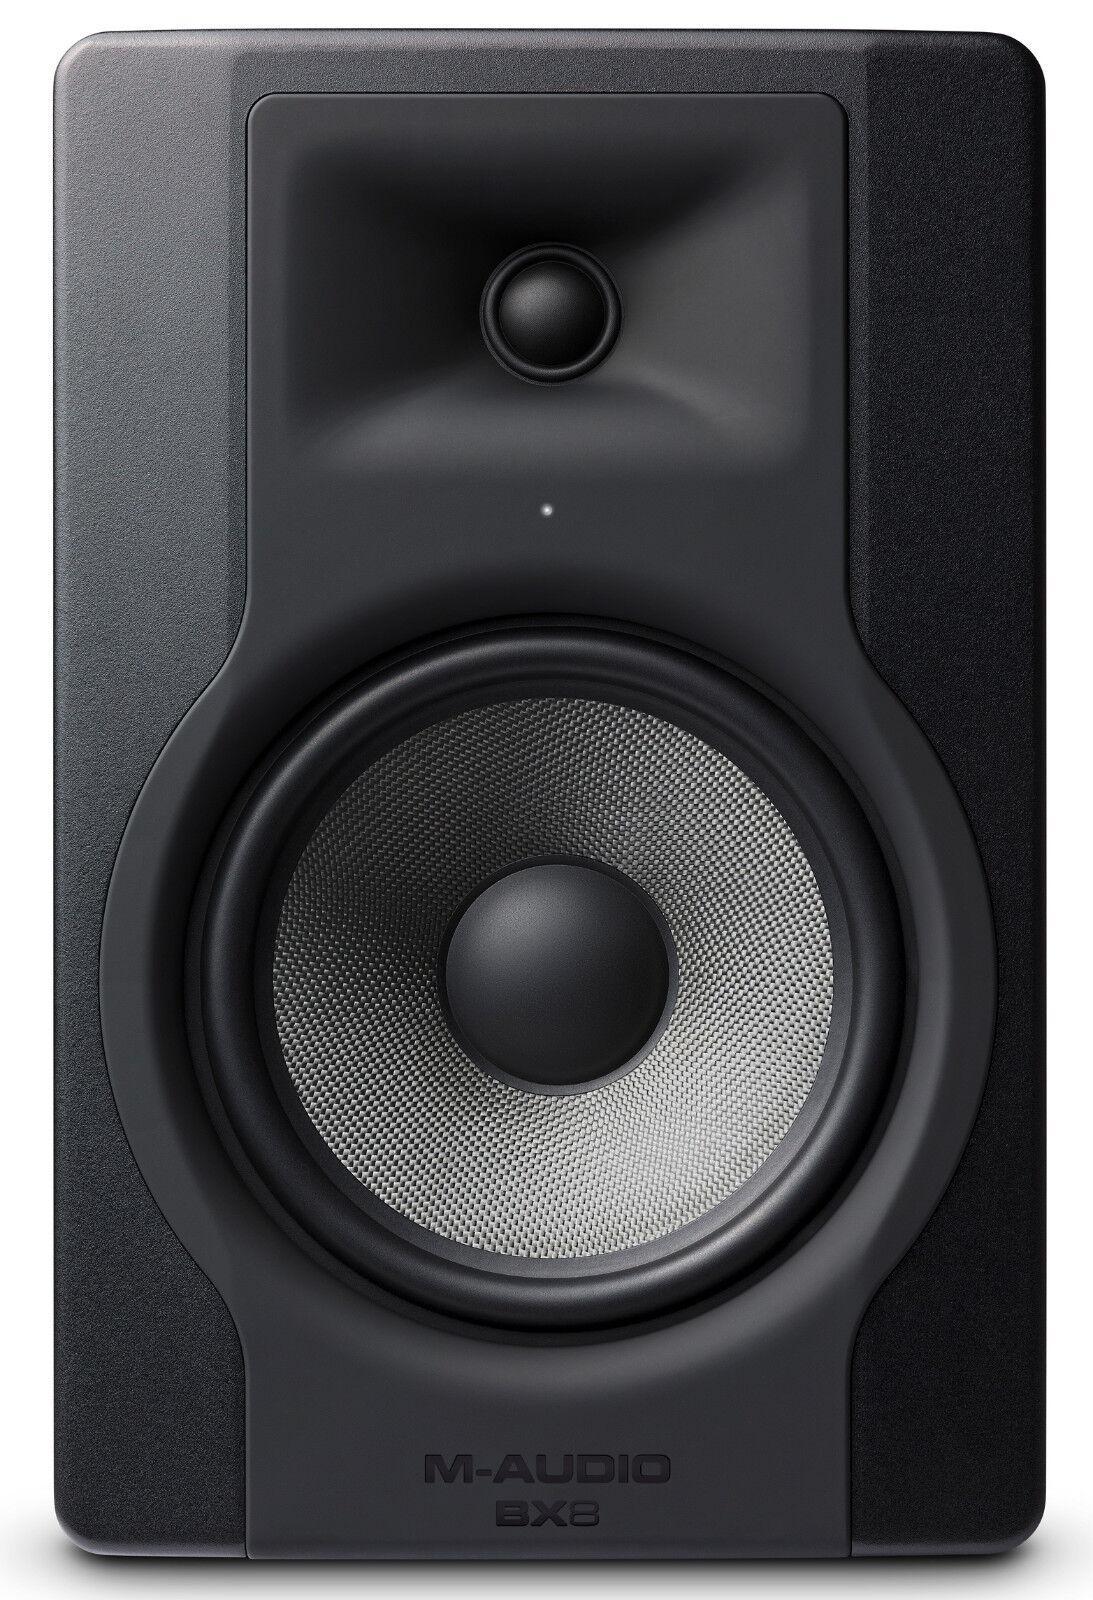 NEW MAudio BX8 D3 Studio Reference Powerot Monitor Single Speaker 150 WATTS